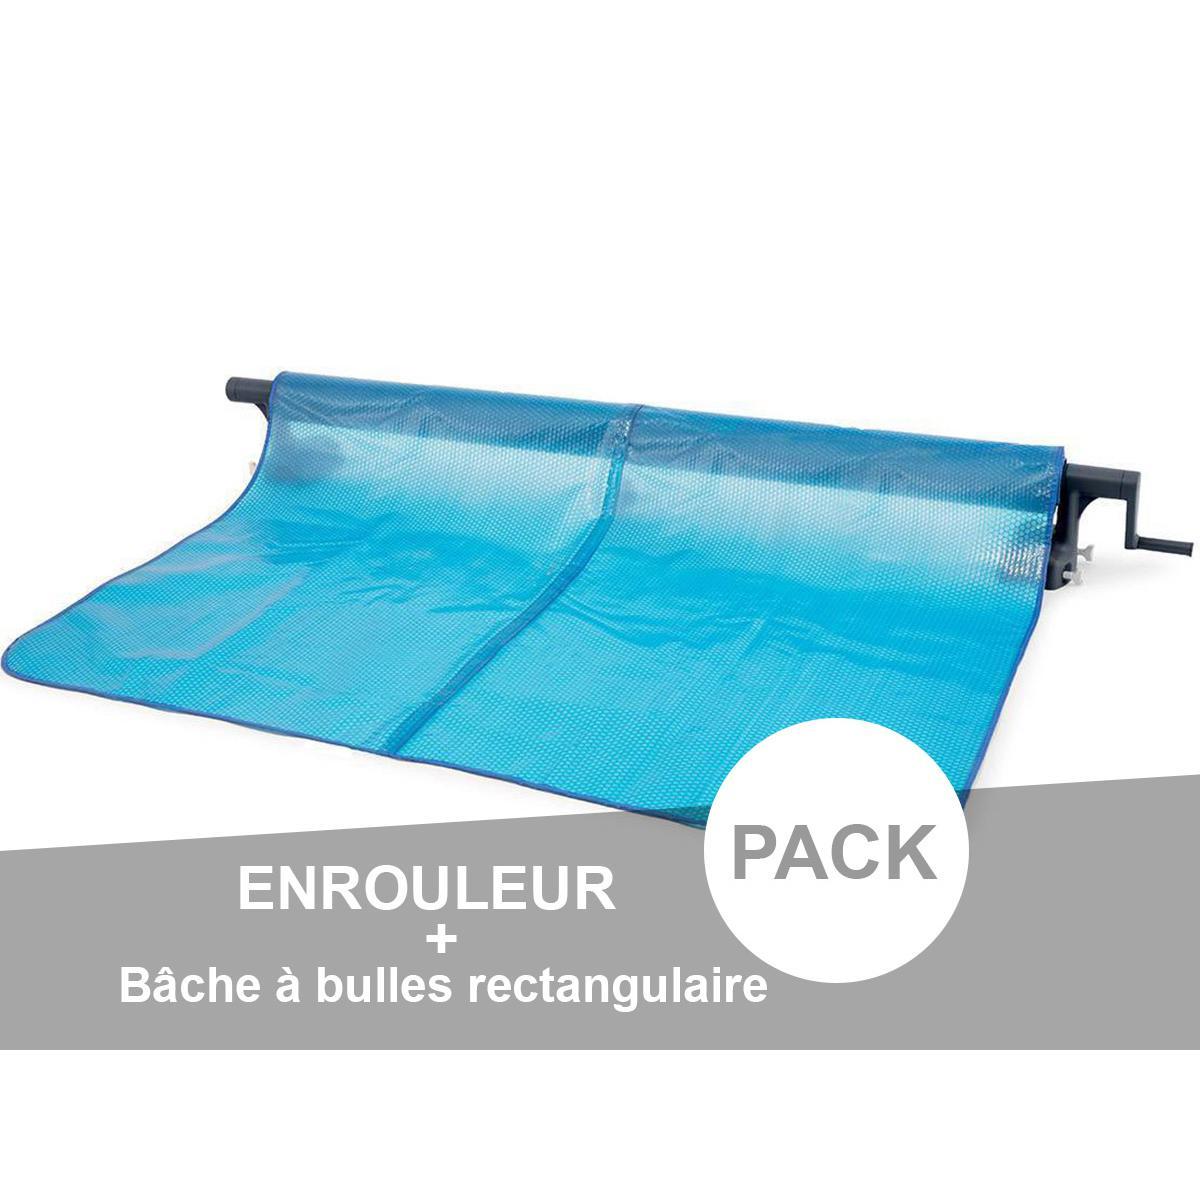 Intex Enrouleur + Bâche à bulles pour piscine tubulaire rectangulaire 5,49 x 2,74 m - Intex